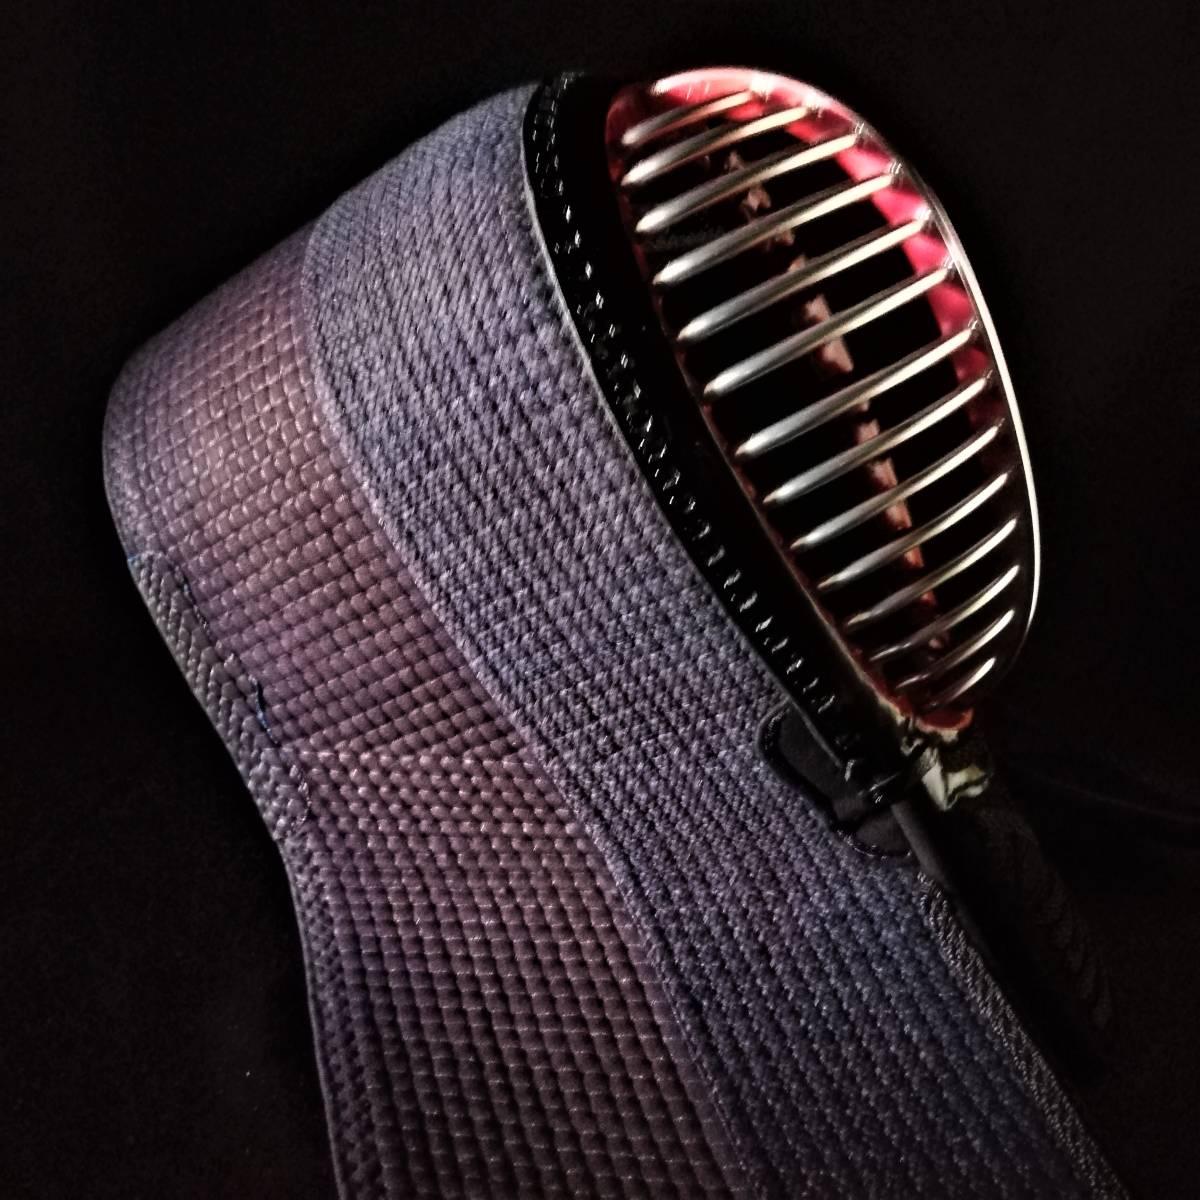 月産限定10セット オーダーメイド織刺2.5分手刺セット 選べる内輪素材 布団の長さ幅もお好みで 子供用可 _布団の長さと幅はご指定頂けます